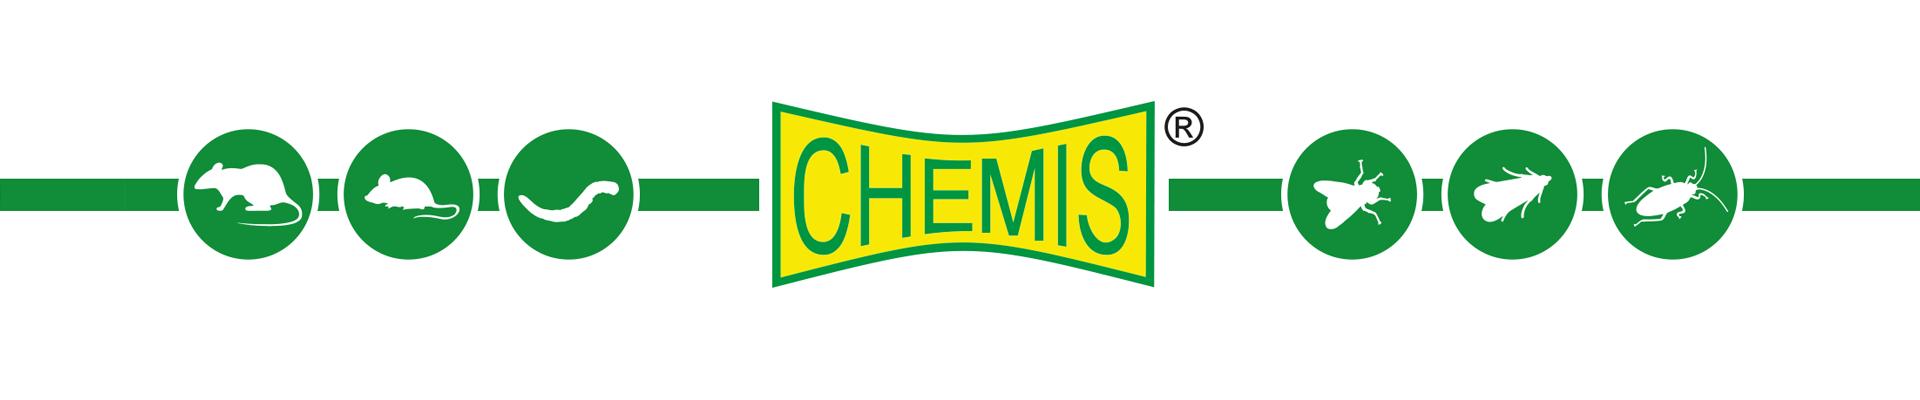 CHEMIS - Glue traps